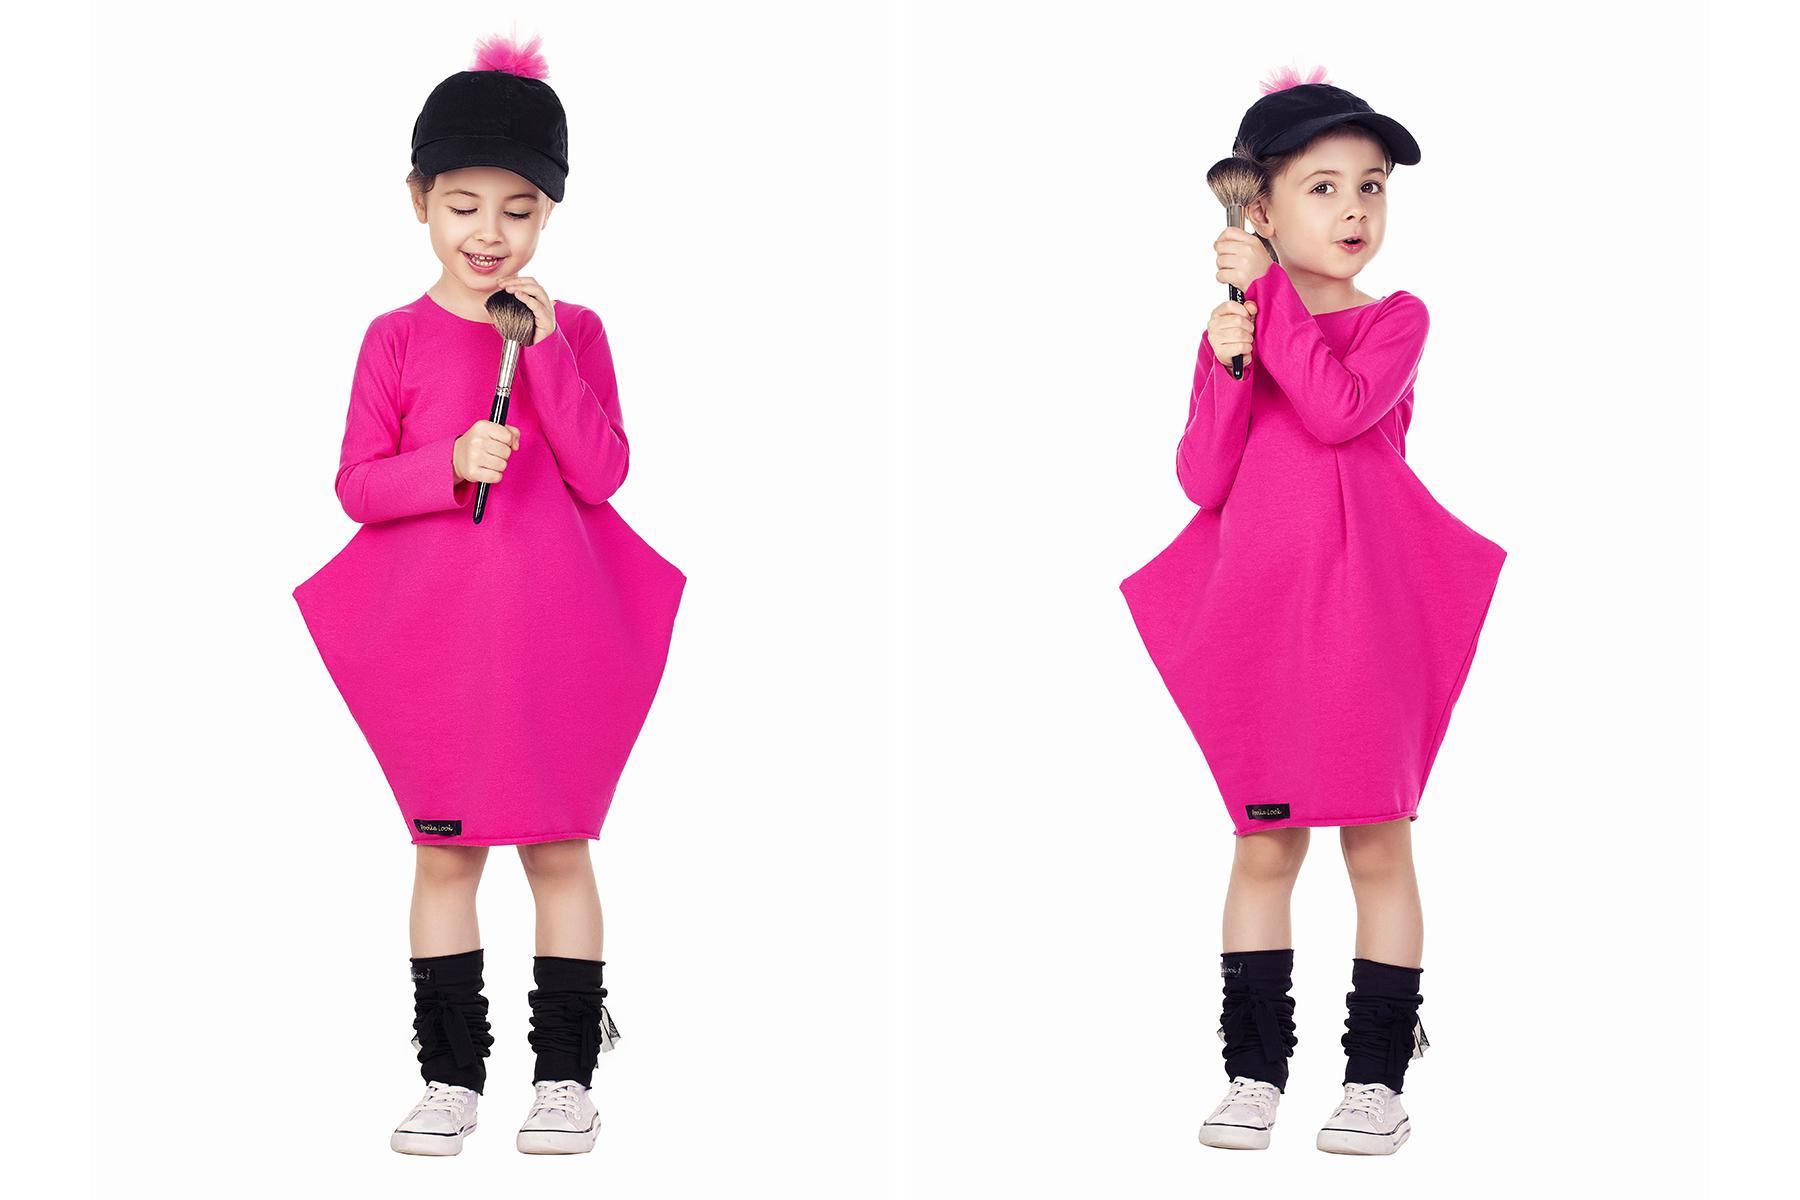 Fashion by Kids_013